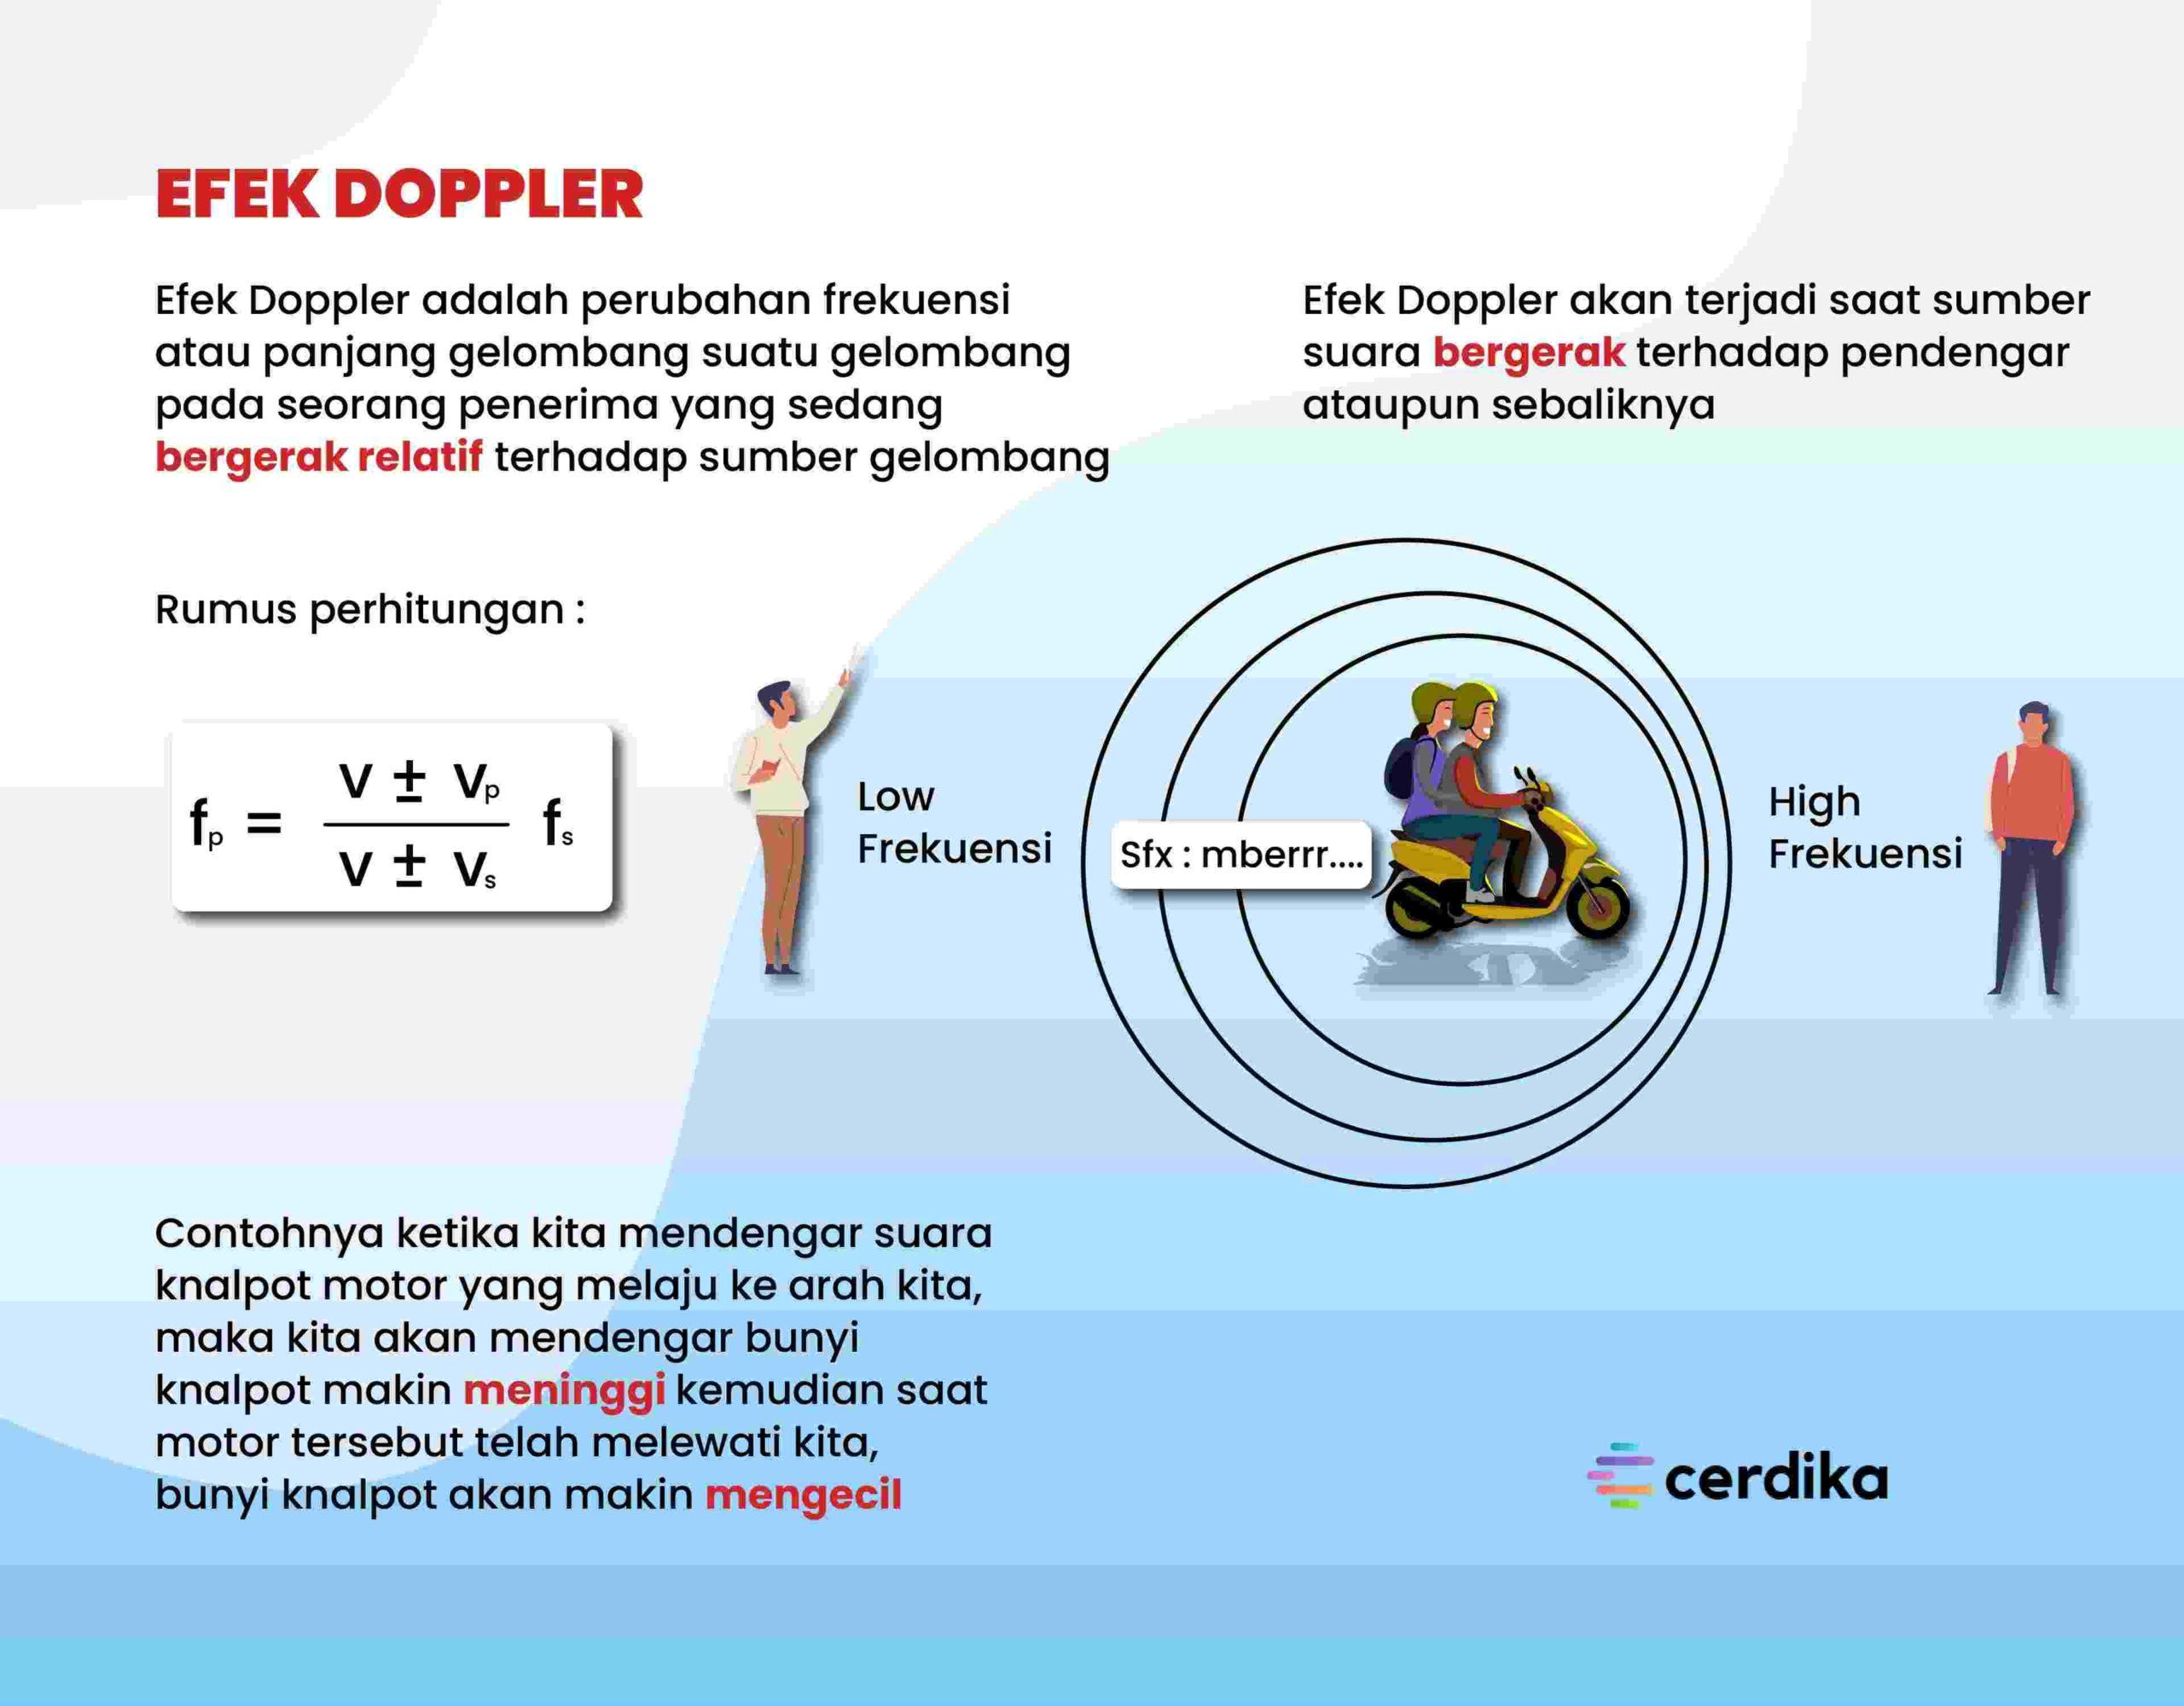 infografis efek doppler